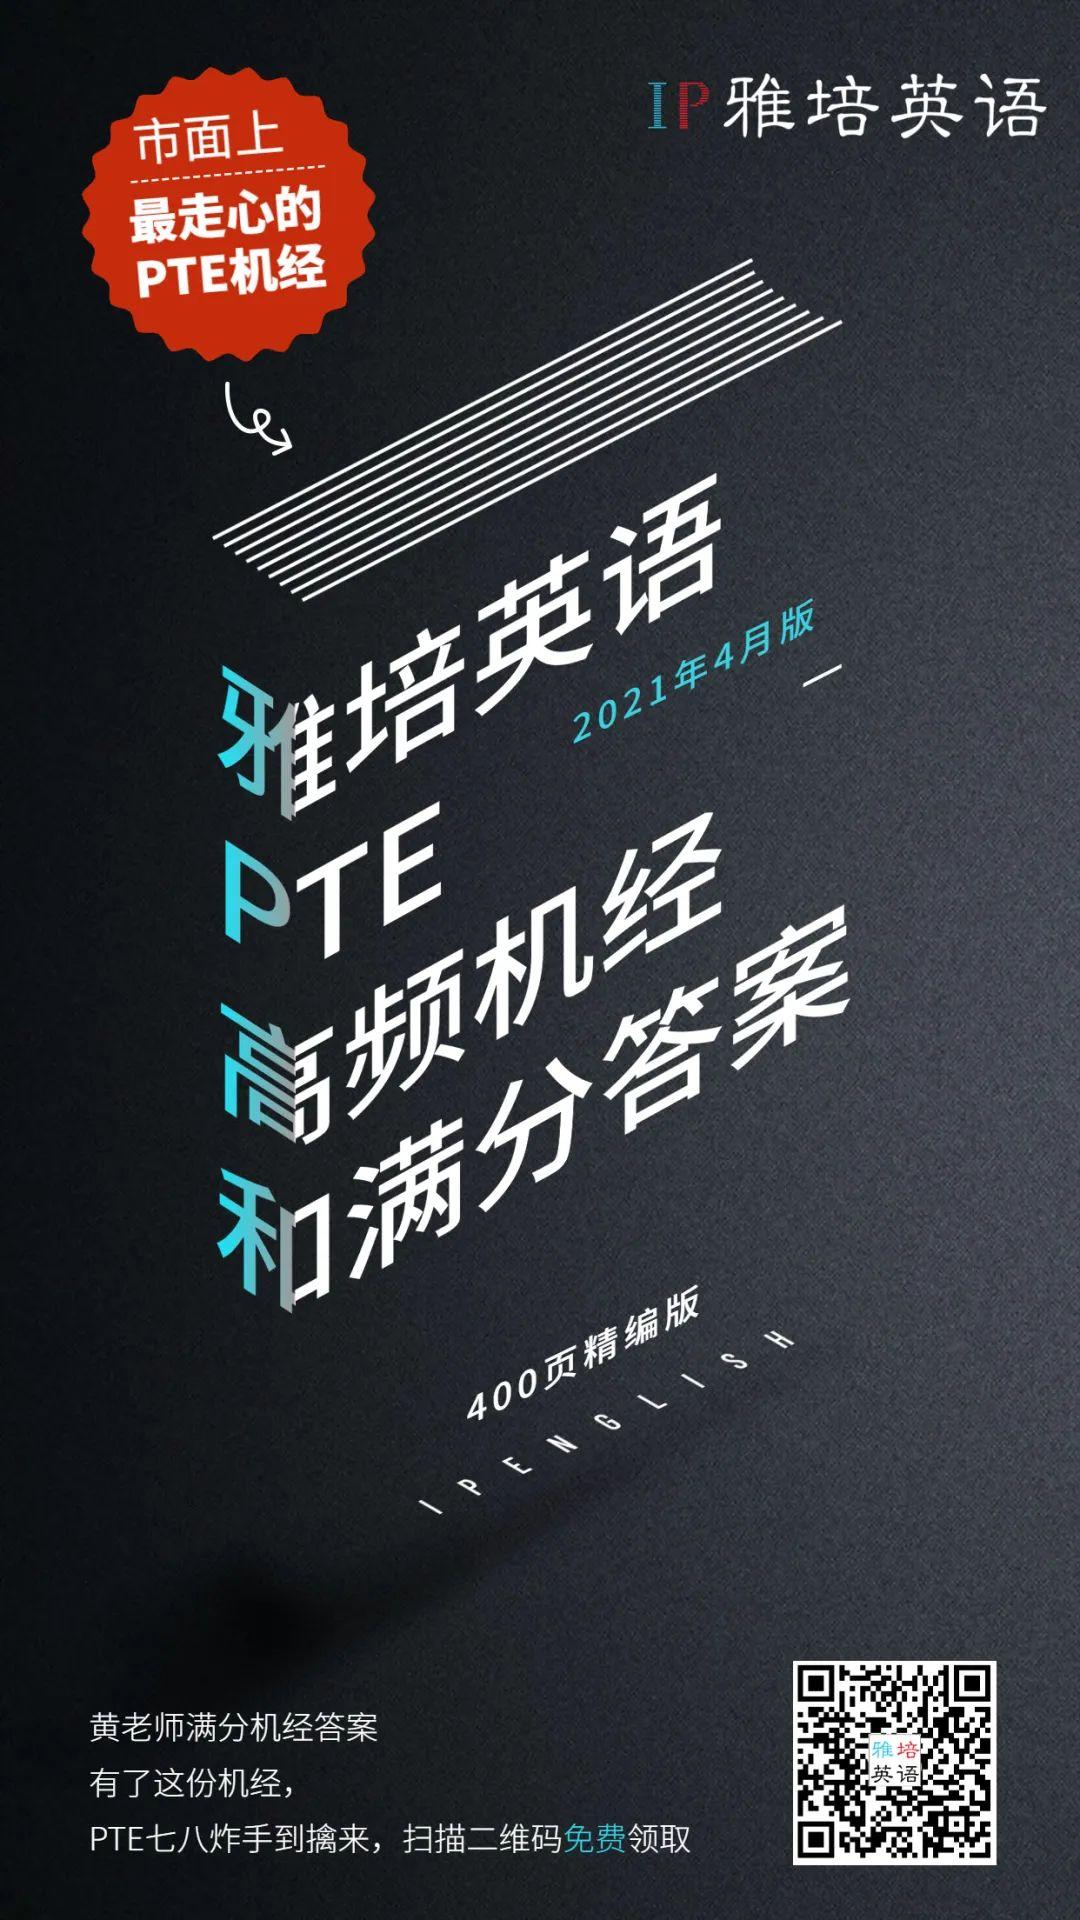 雅培英语PTE机经【原创满分答案】4月大更新!400页满满干货,市面上最走心的PTE机经